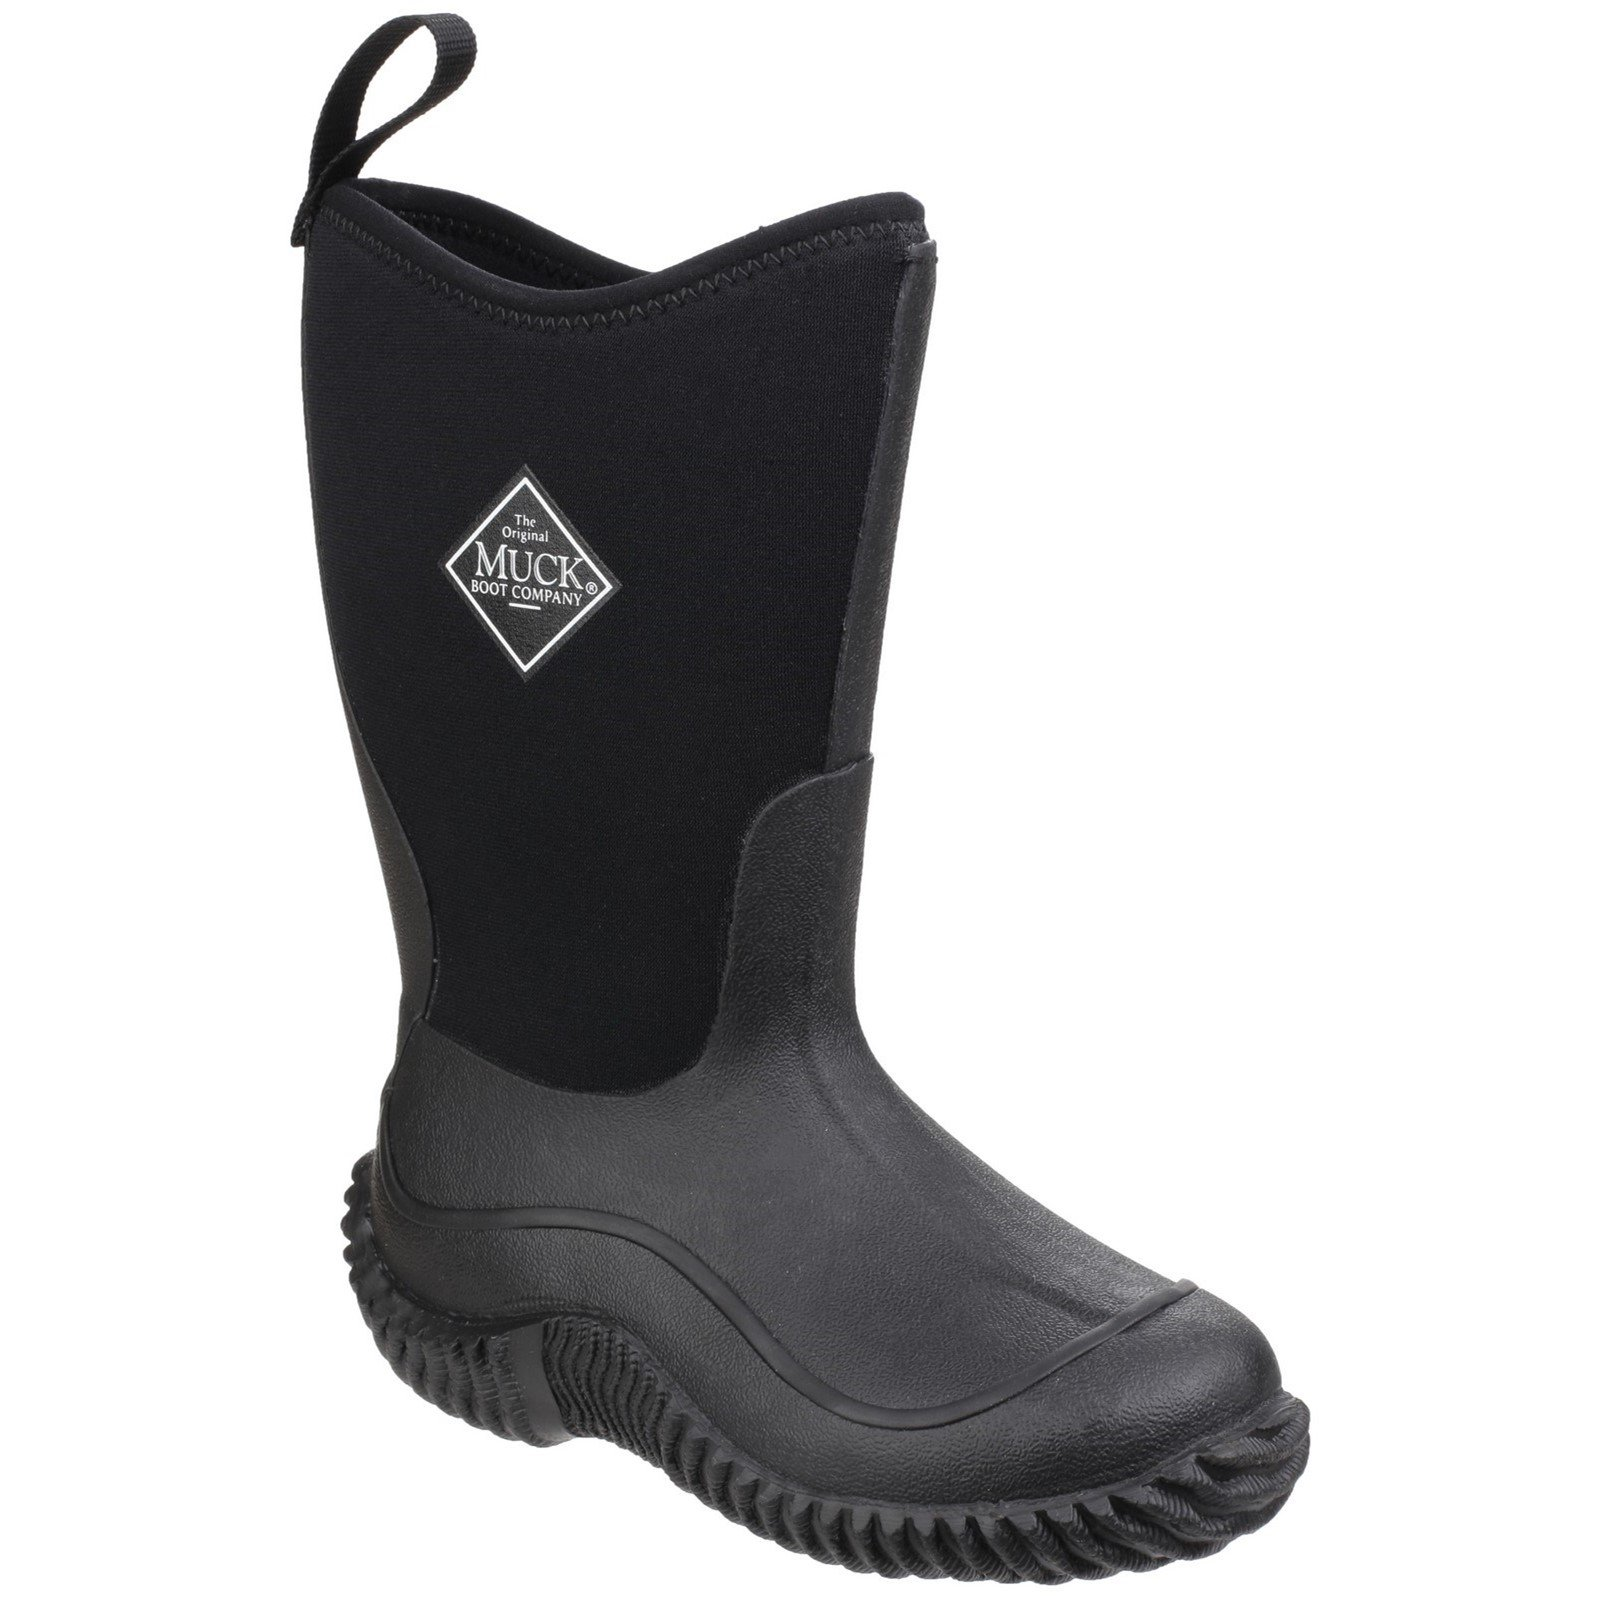 Muck Boots Kid's Hale Pull On Wellington Boot Black 24844 - Black 7